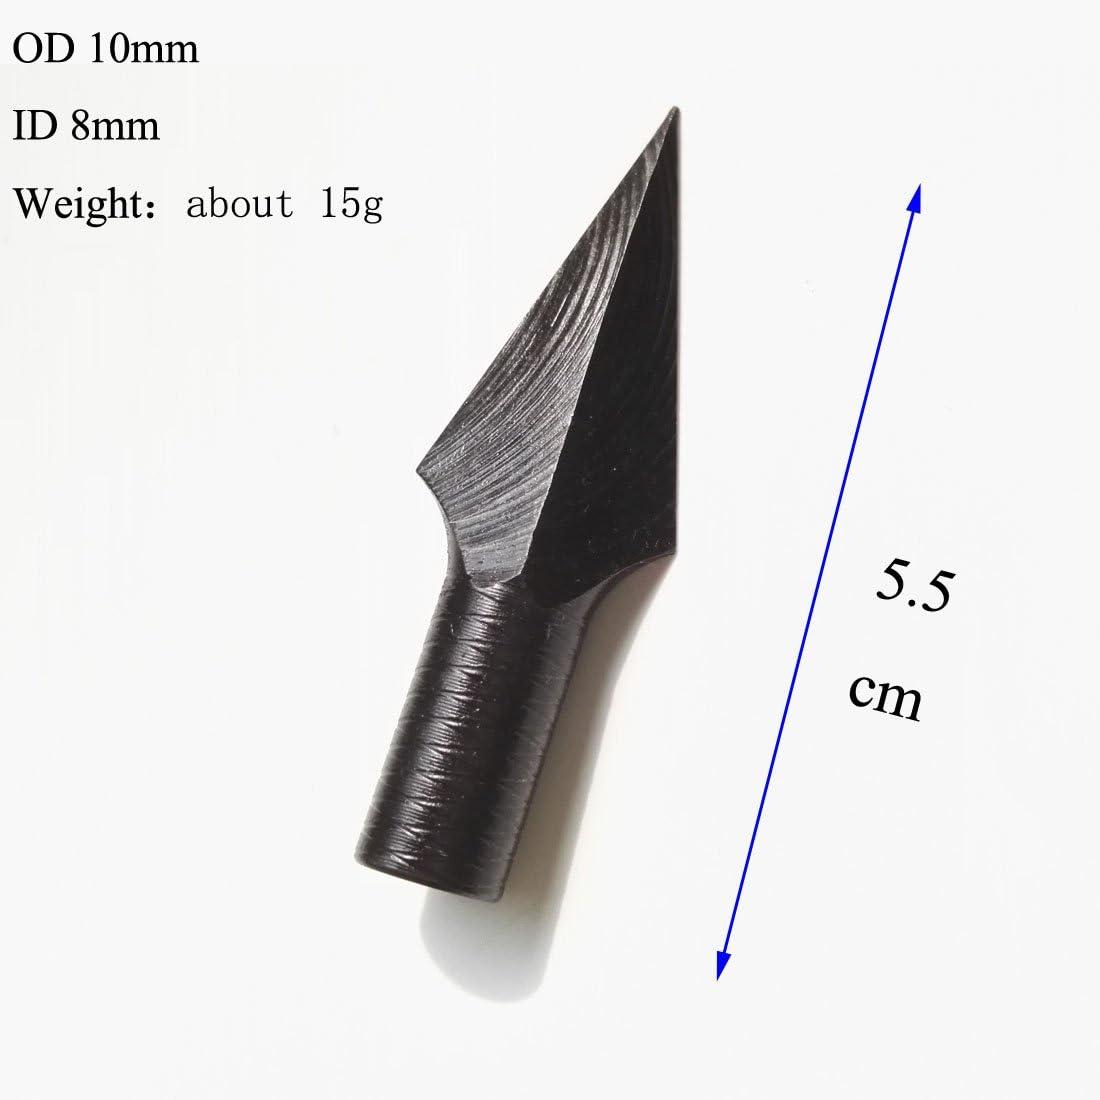 SHARROW 6pcs Pointe de Fl/èche de Tir /à larc Chasse Broadheads ID 8mm pour Fl/èches en Bois Bambou